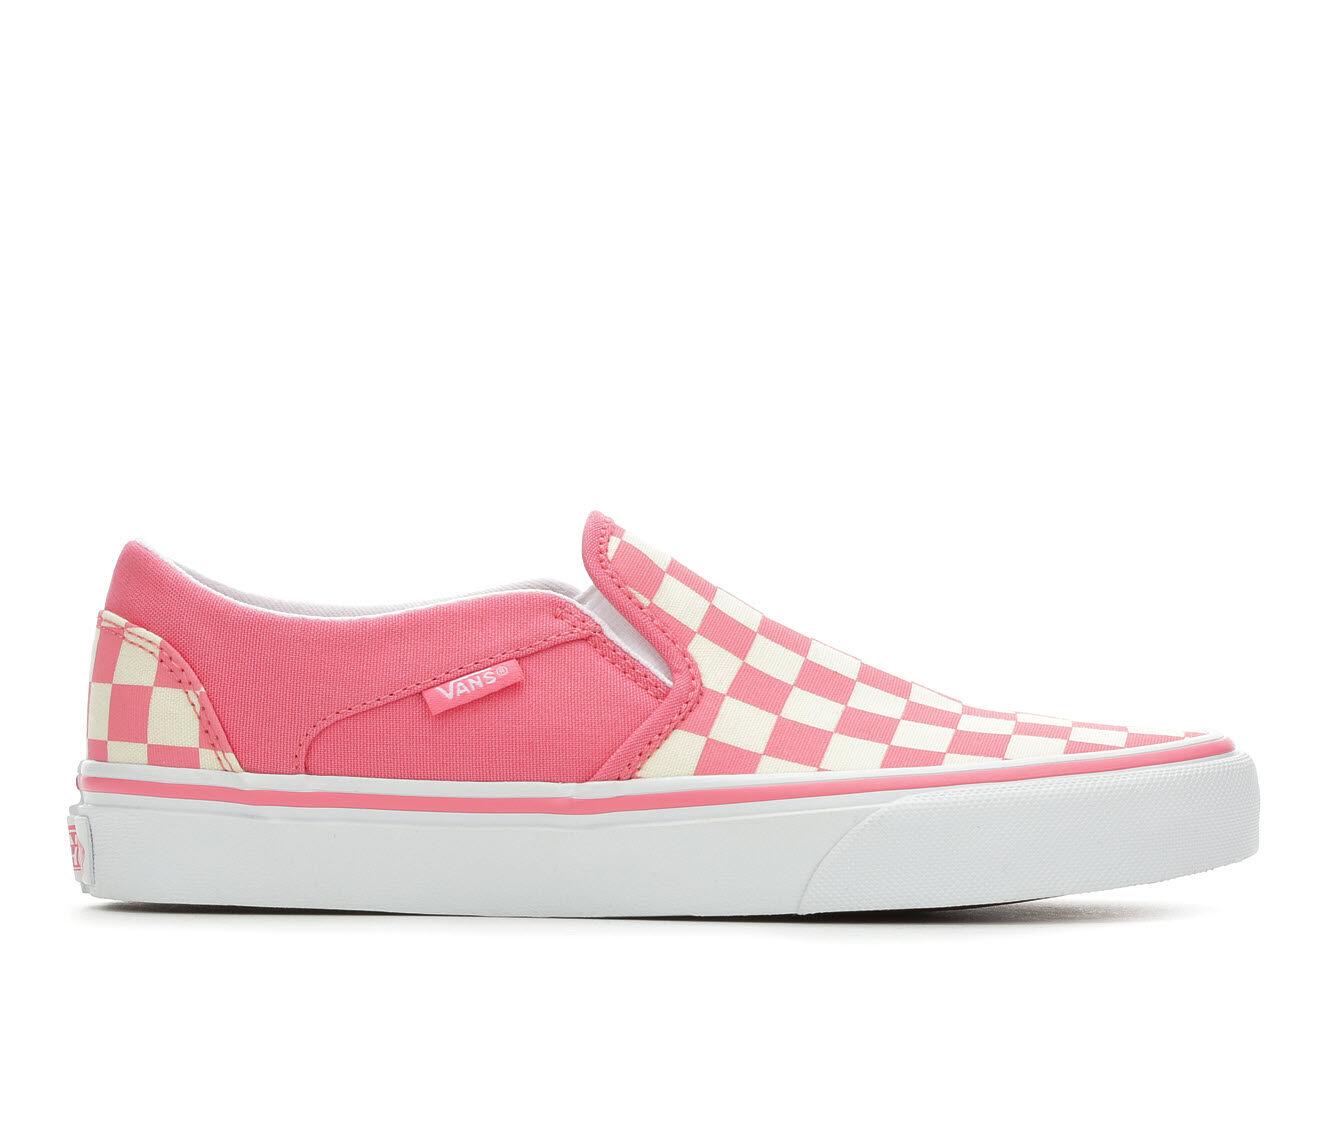 Women's Vans Asher Slip-On Skate Shoes Strbry/Wh Check